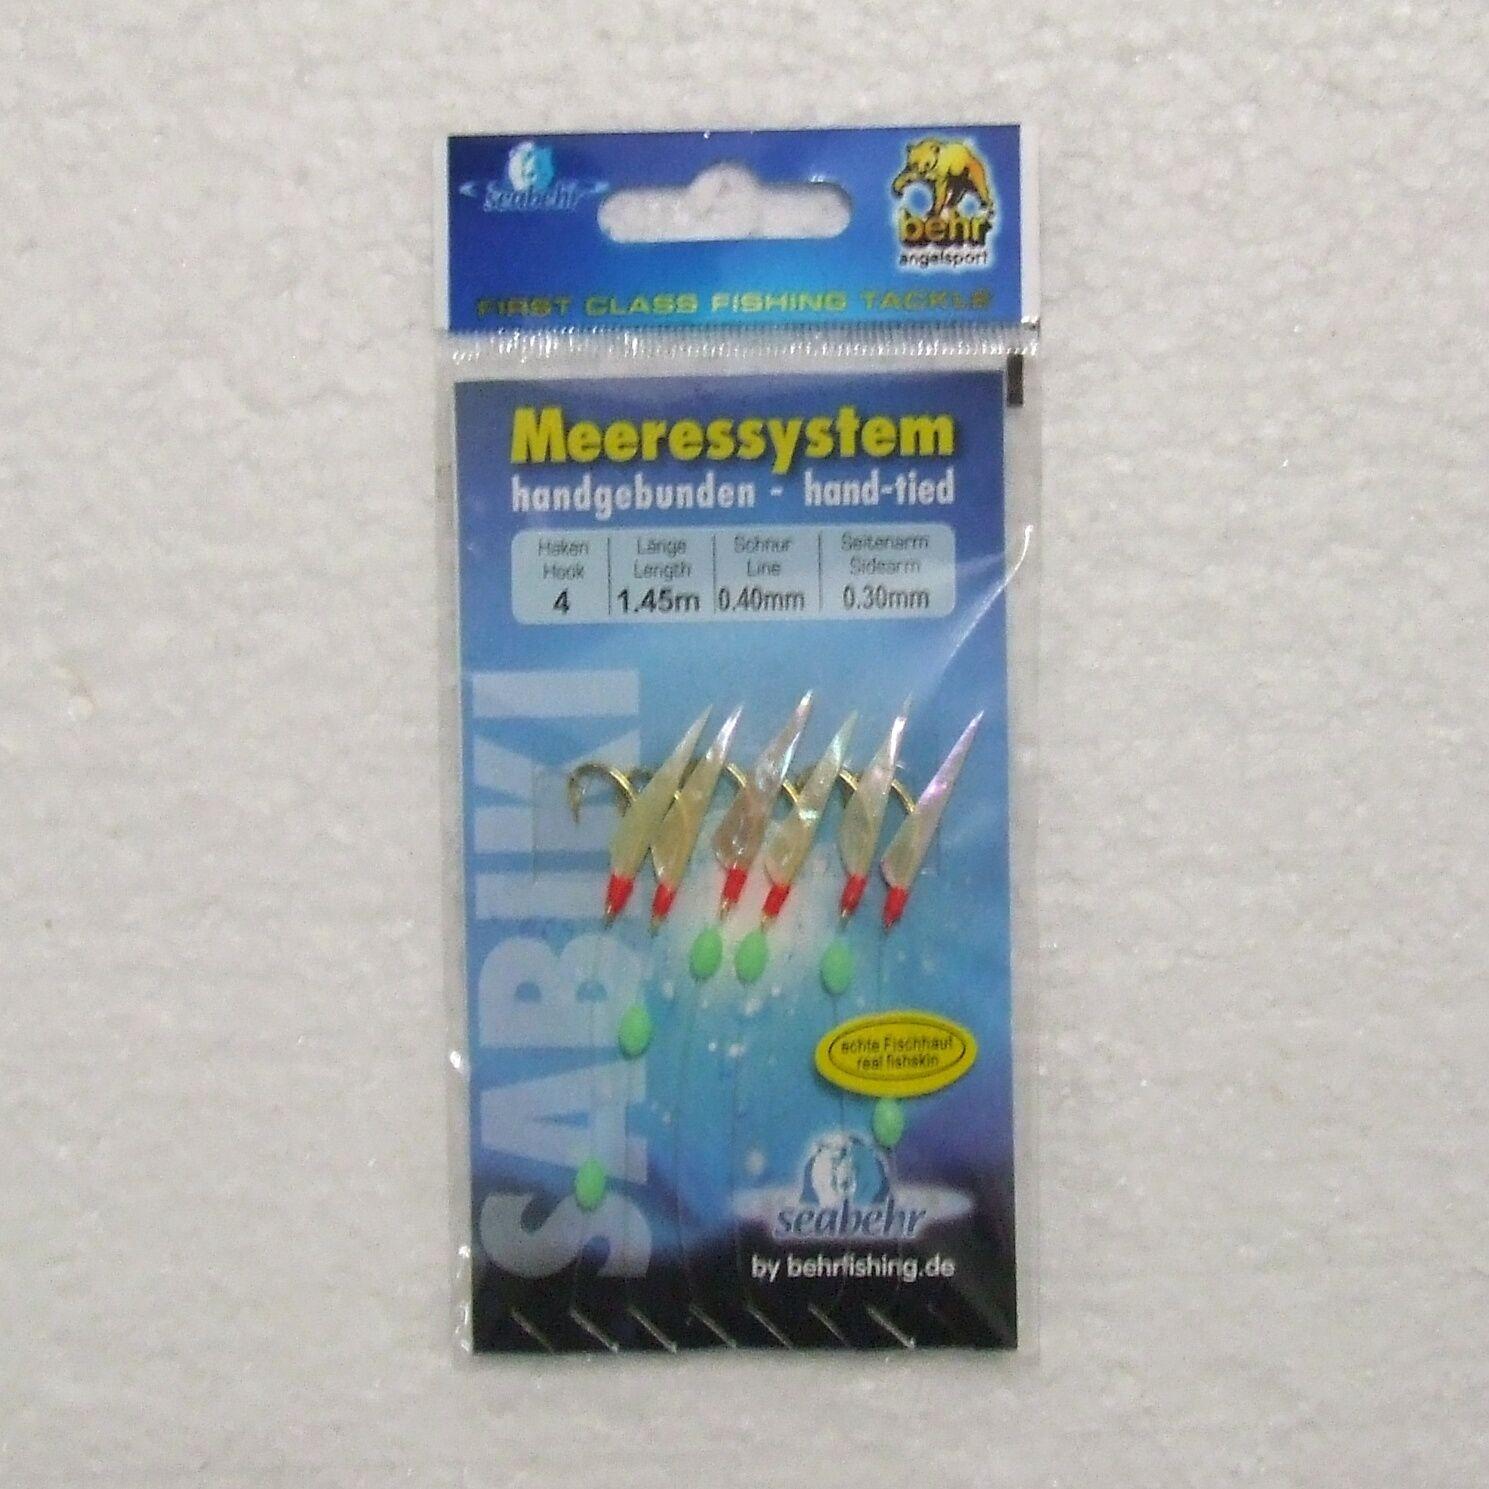 Behr Mini Fisch Shrimp Makrelen Heringssysteme Heringspaternoster